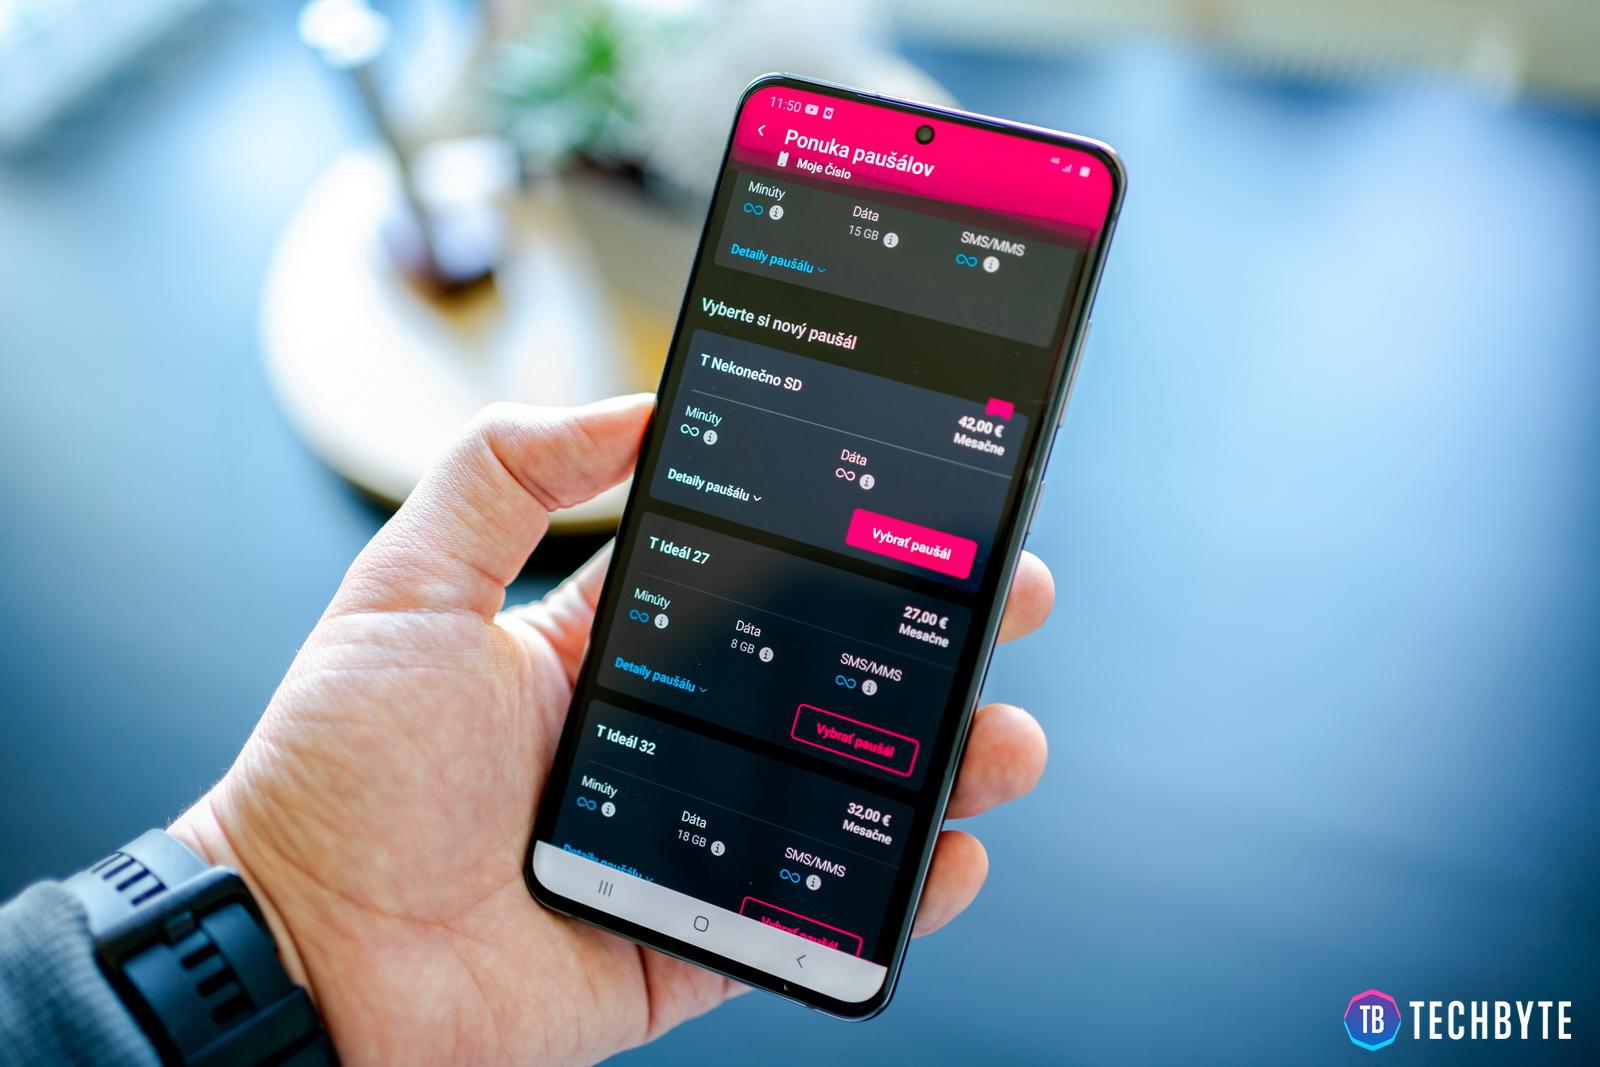 telekom aplikacia 5 0